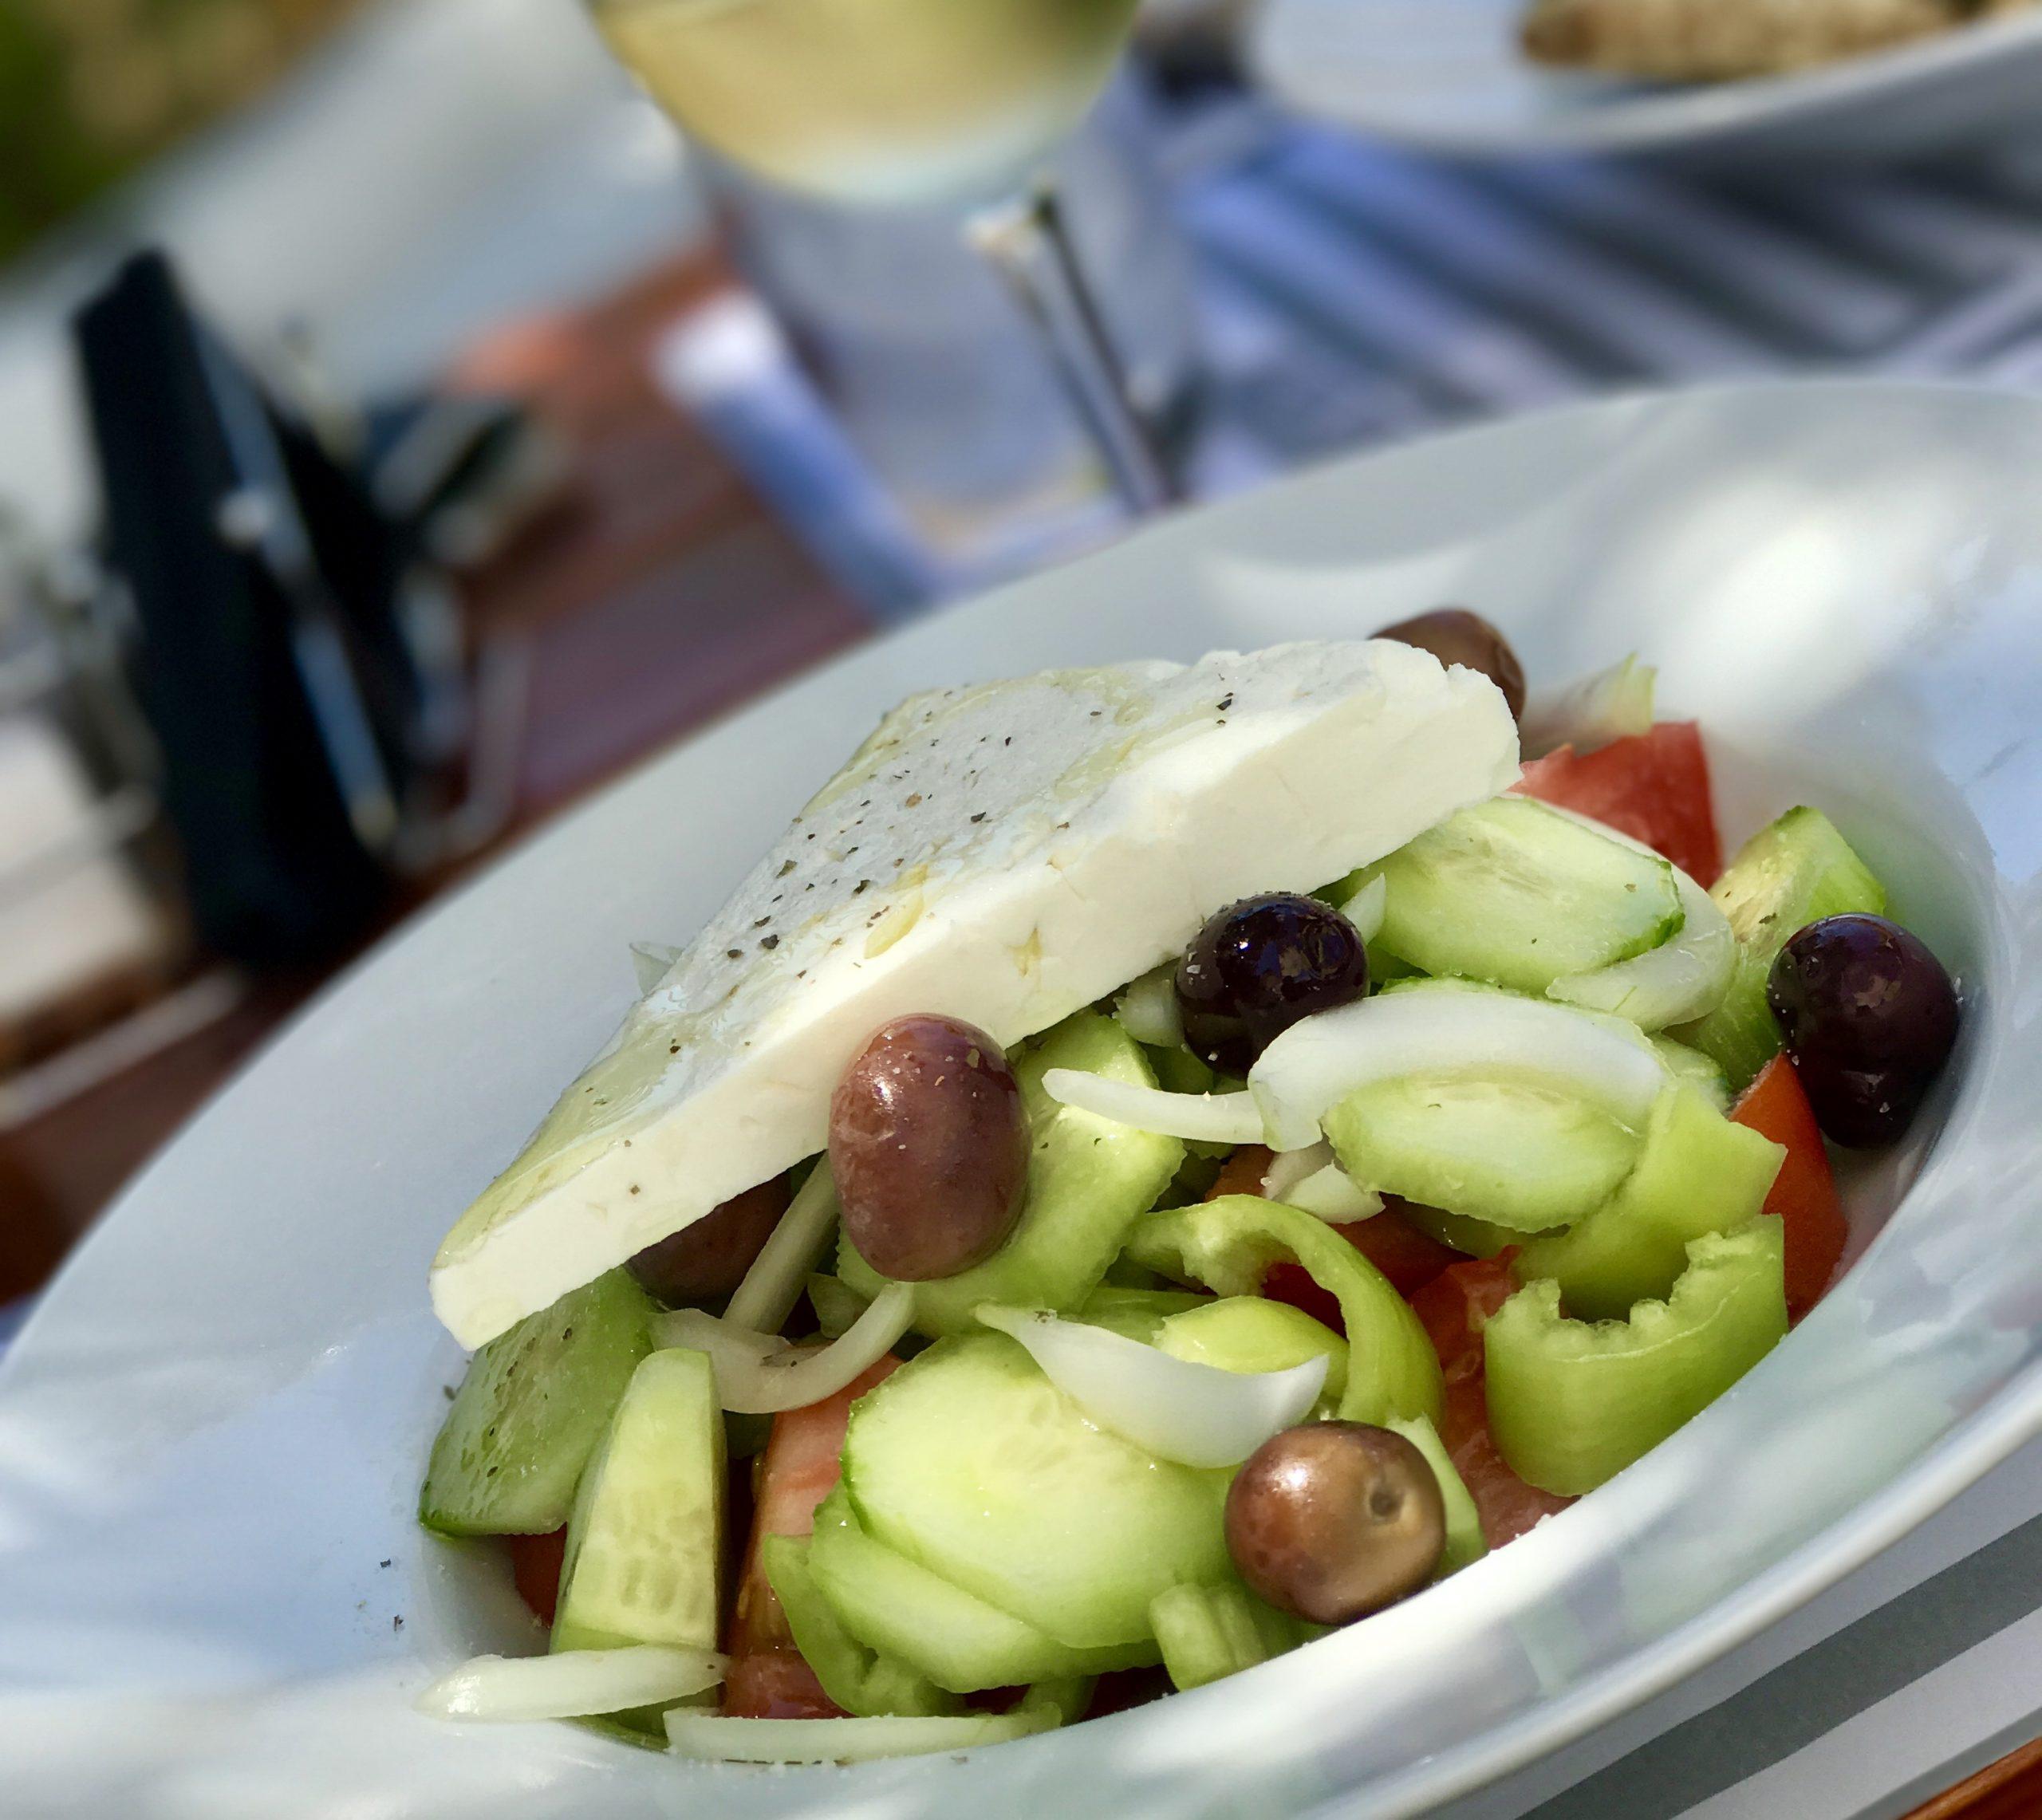 Bilden visar en grekisk sallad med en stor fetaostbit och svarta oliver på toppen